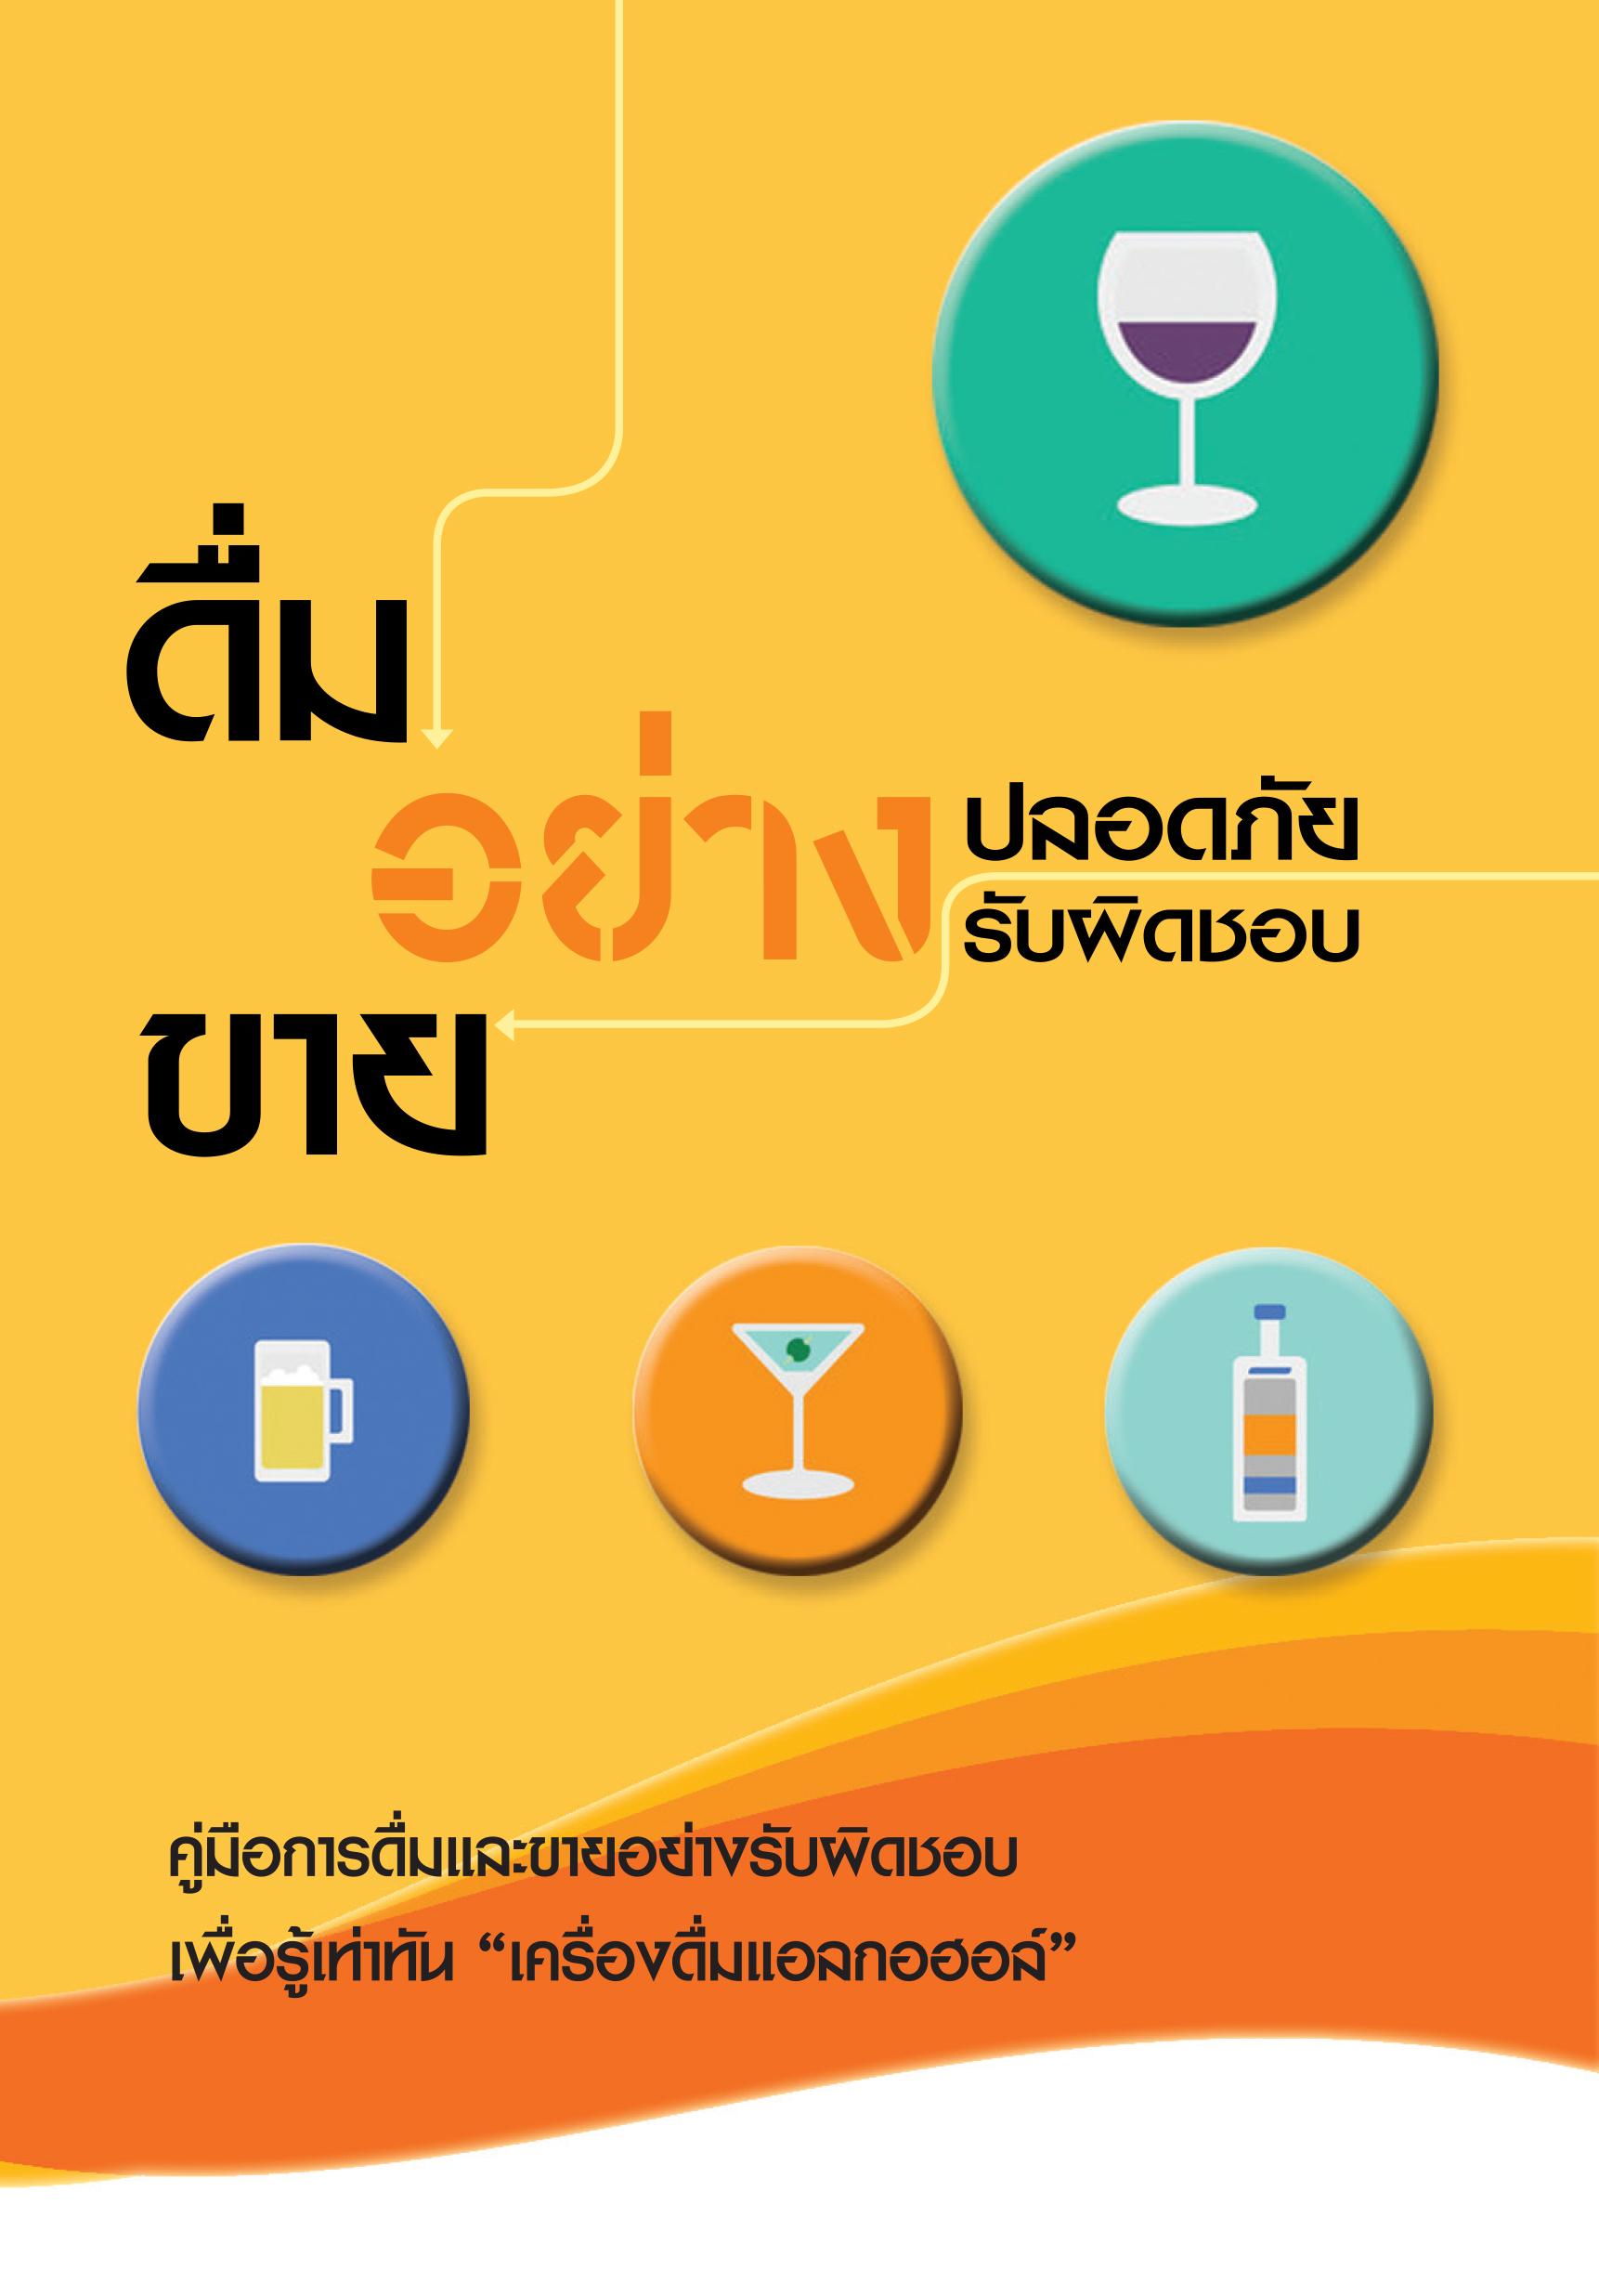 คู่มือรู้เท่าทันเครื่องดื่มแอลกอฮอล์,คู่มือรู้เท่าทันเครื่องดื่มแอลกอฮอล์,คู่มือรู้เท่าทันเครื่องดื่มแอลกอฮอล์